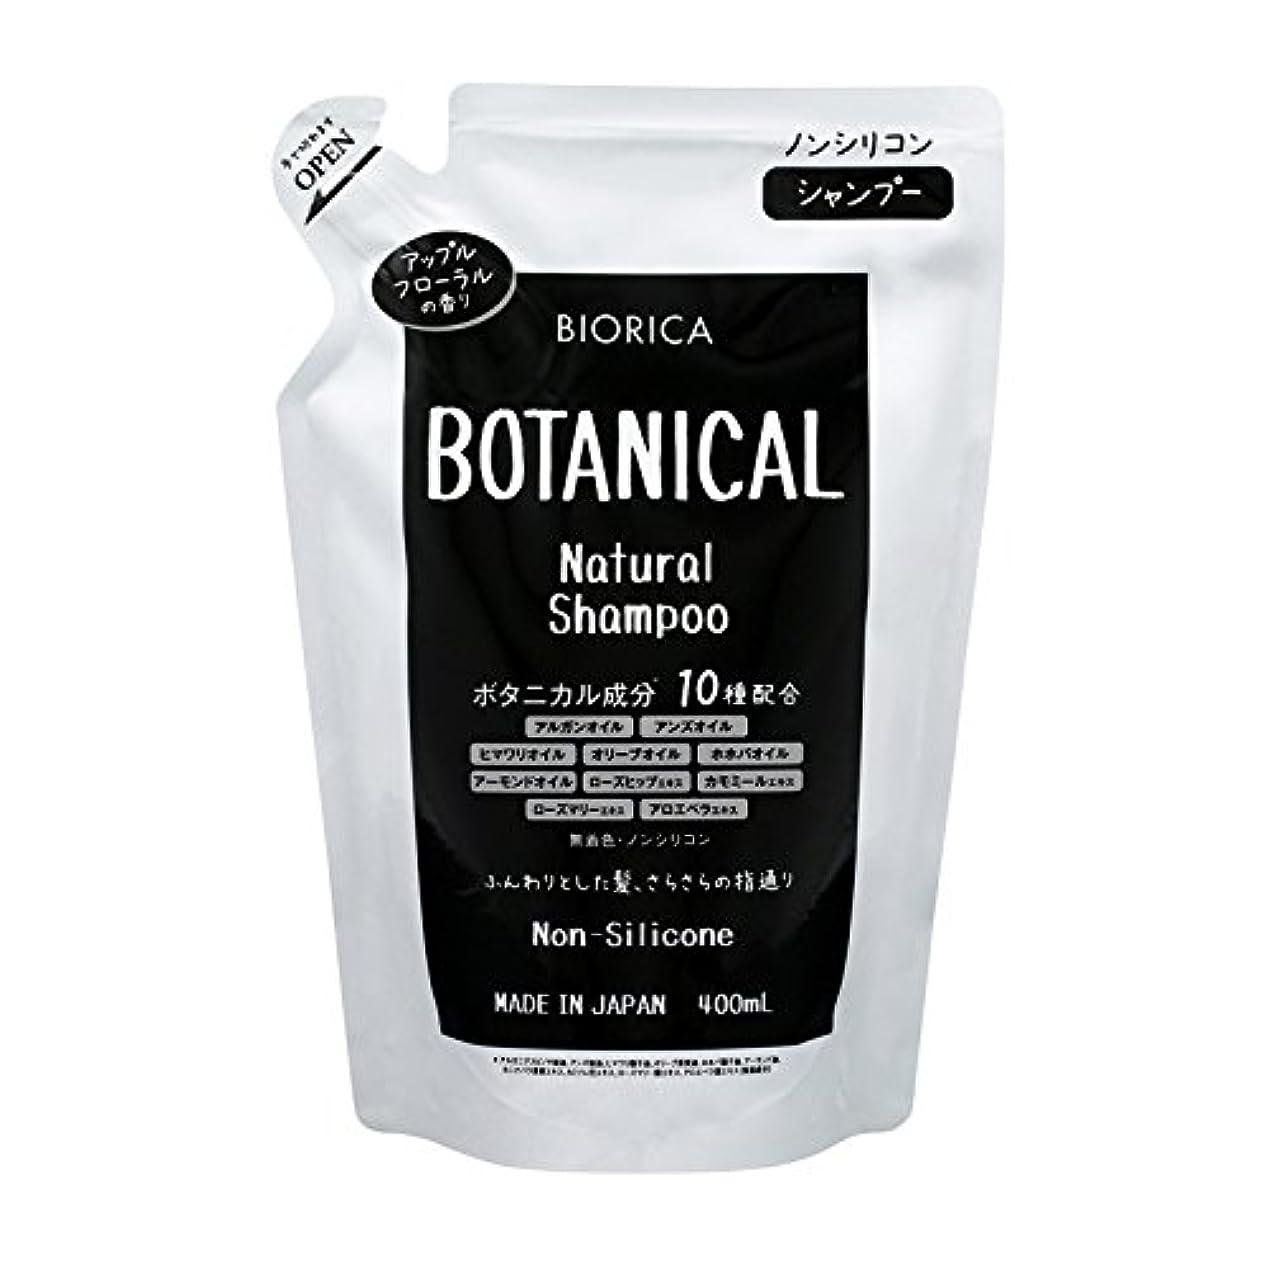 キャリア一般ファームBIORICA ビオリカ ボタニカル ノンシリコン シャンプー 詰め替え アップルフローラルの香り 400ml 日本製